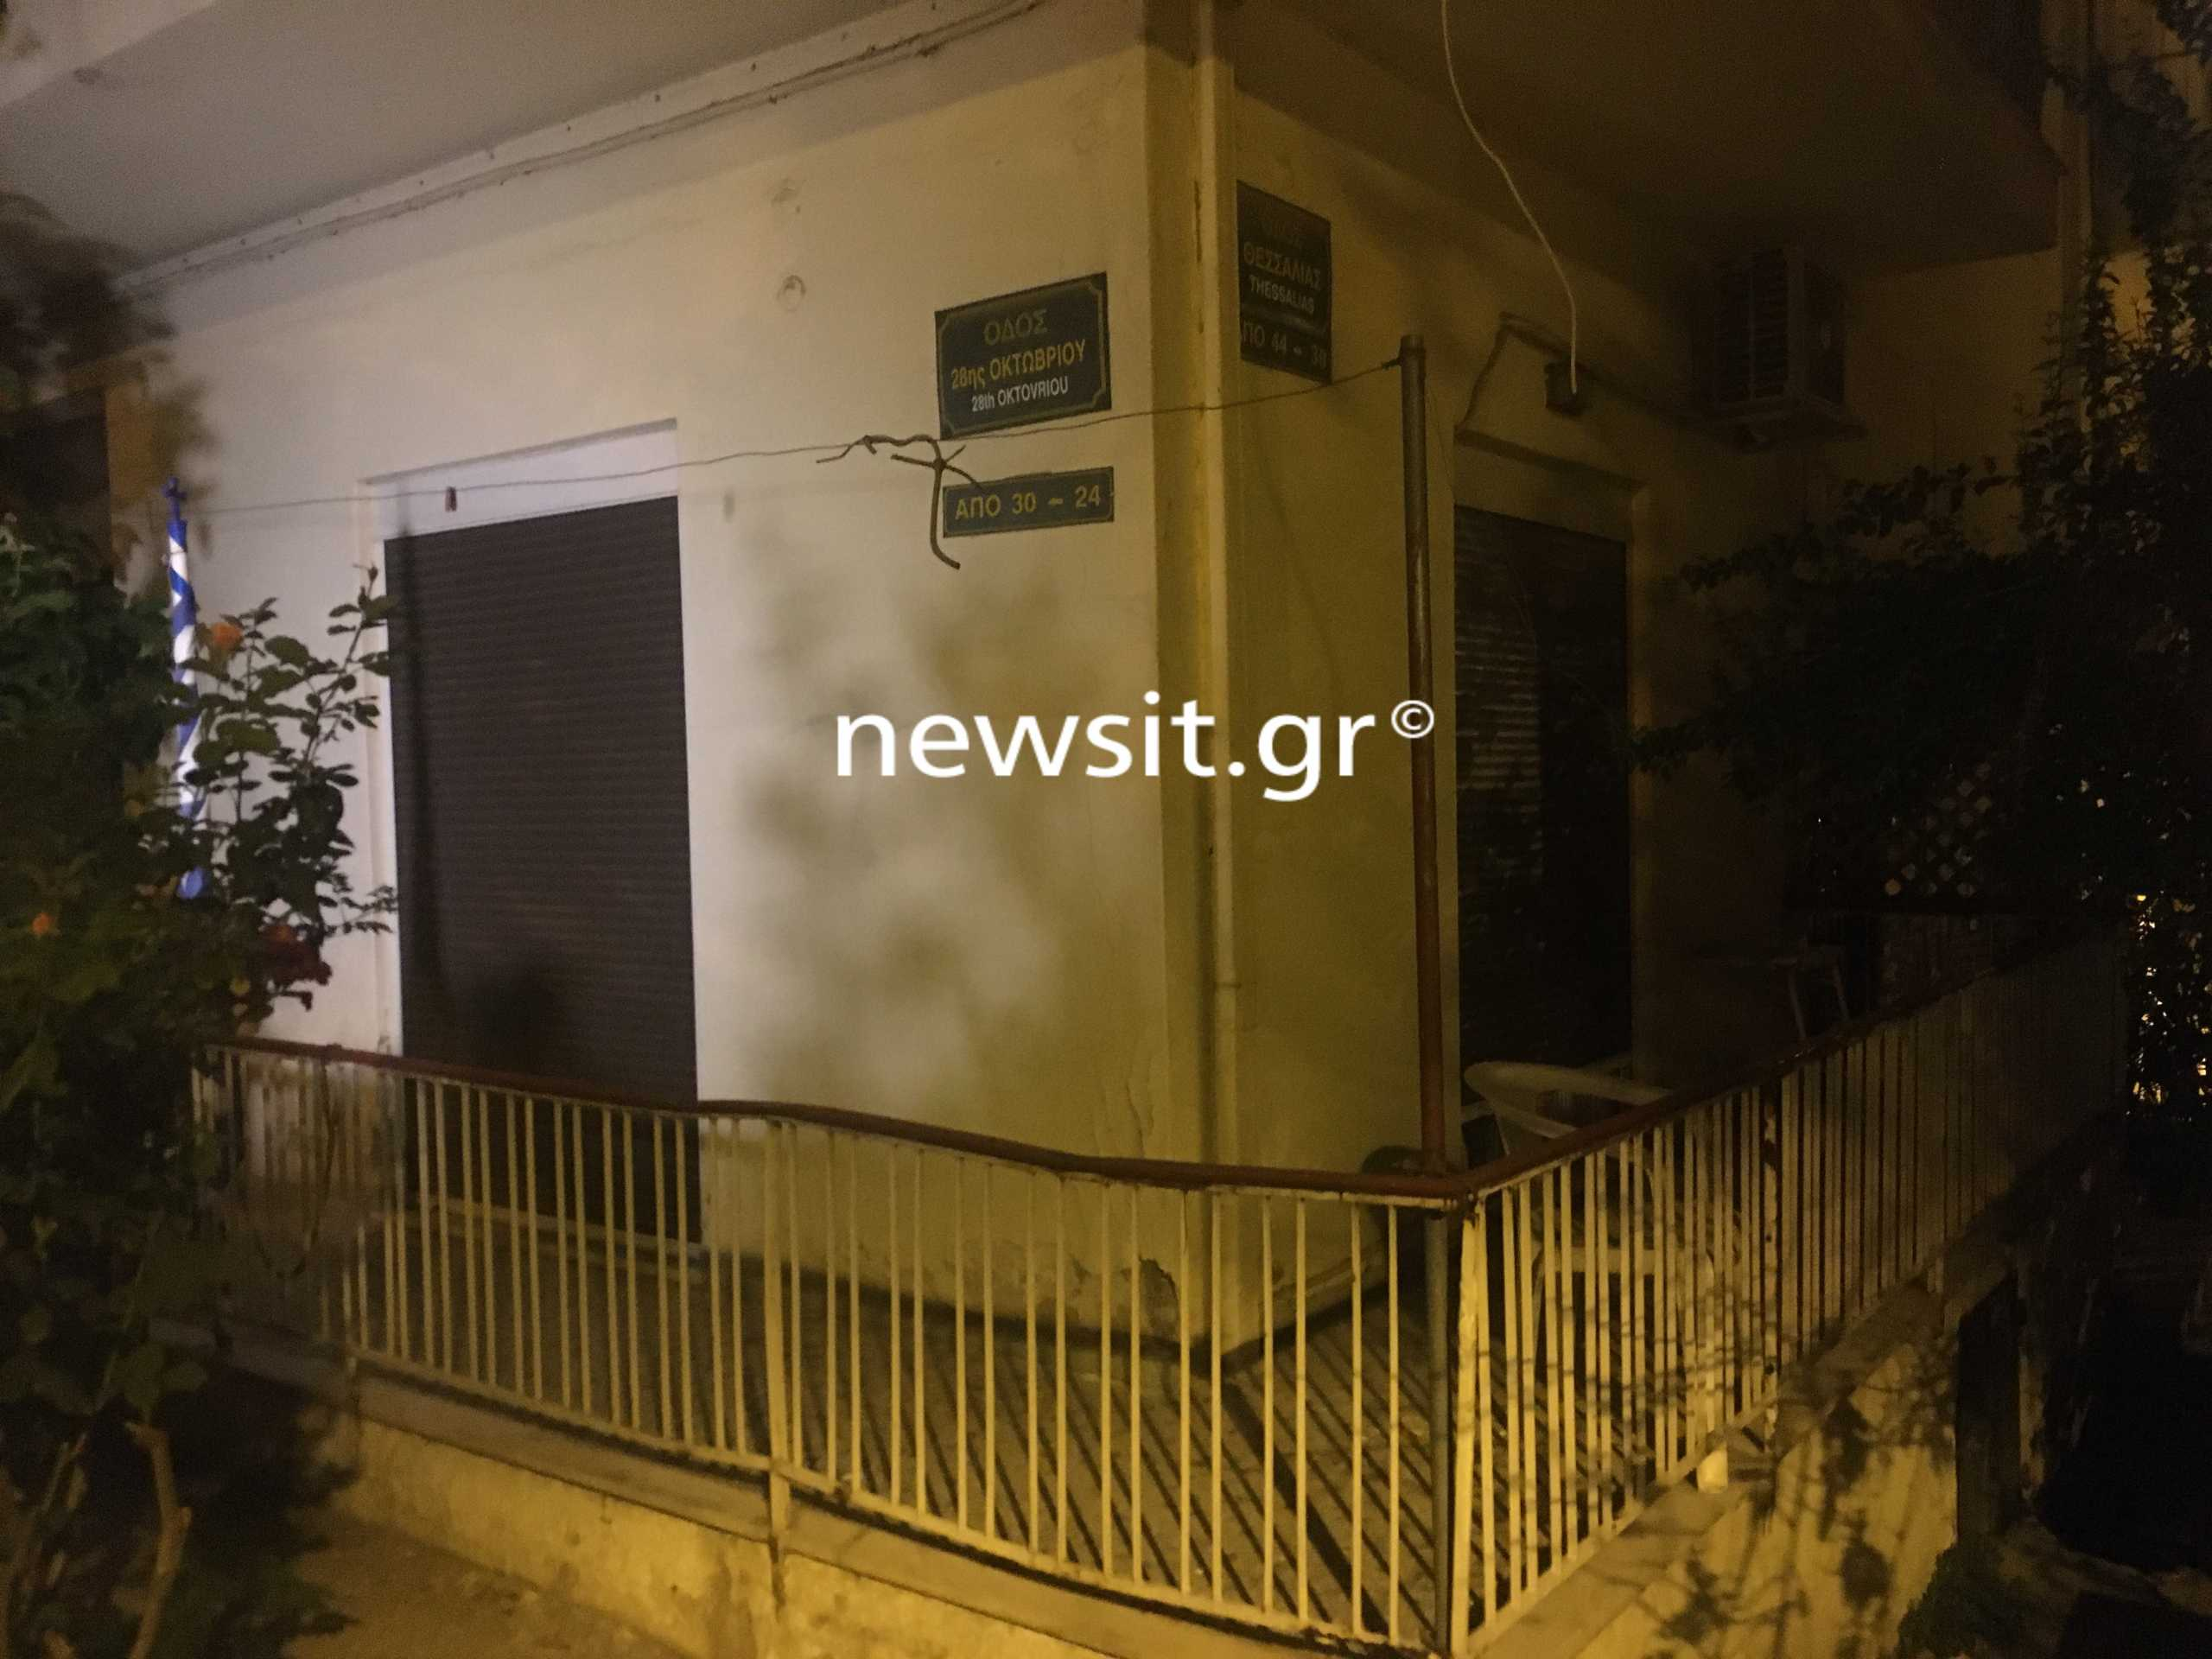 Χρήστος Παππάς: Σε αυτό το σπίτι κρυβόταν μέχρι τη σύλληψη του